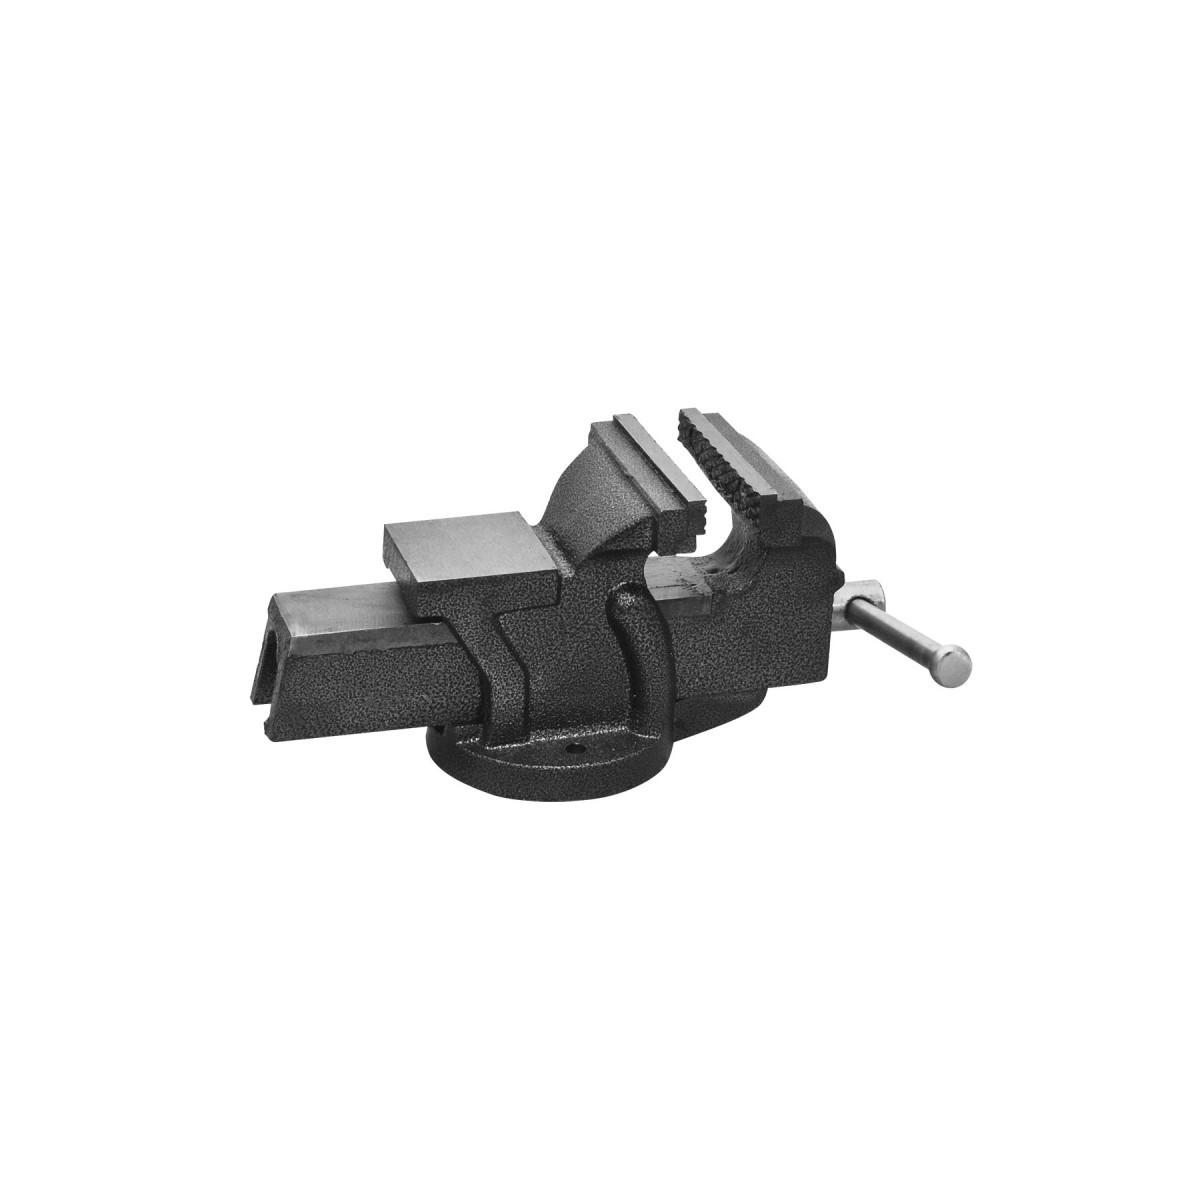 Imadło ślusarskie stałe 75 mm Proline - 25507 Imadło ślusarskie stałe 75 mm Proline - 25507